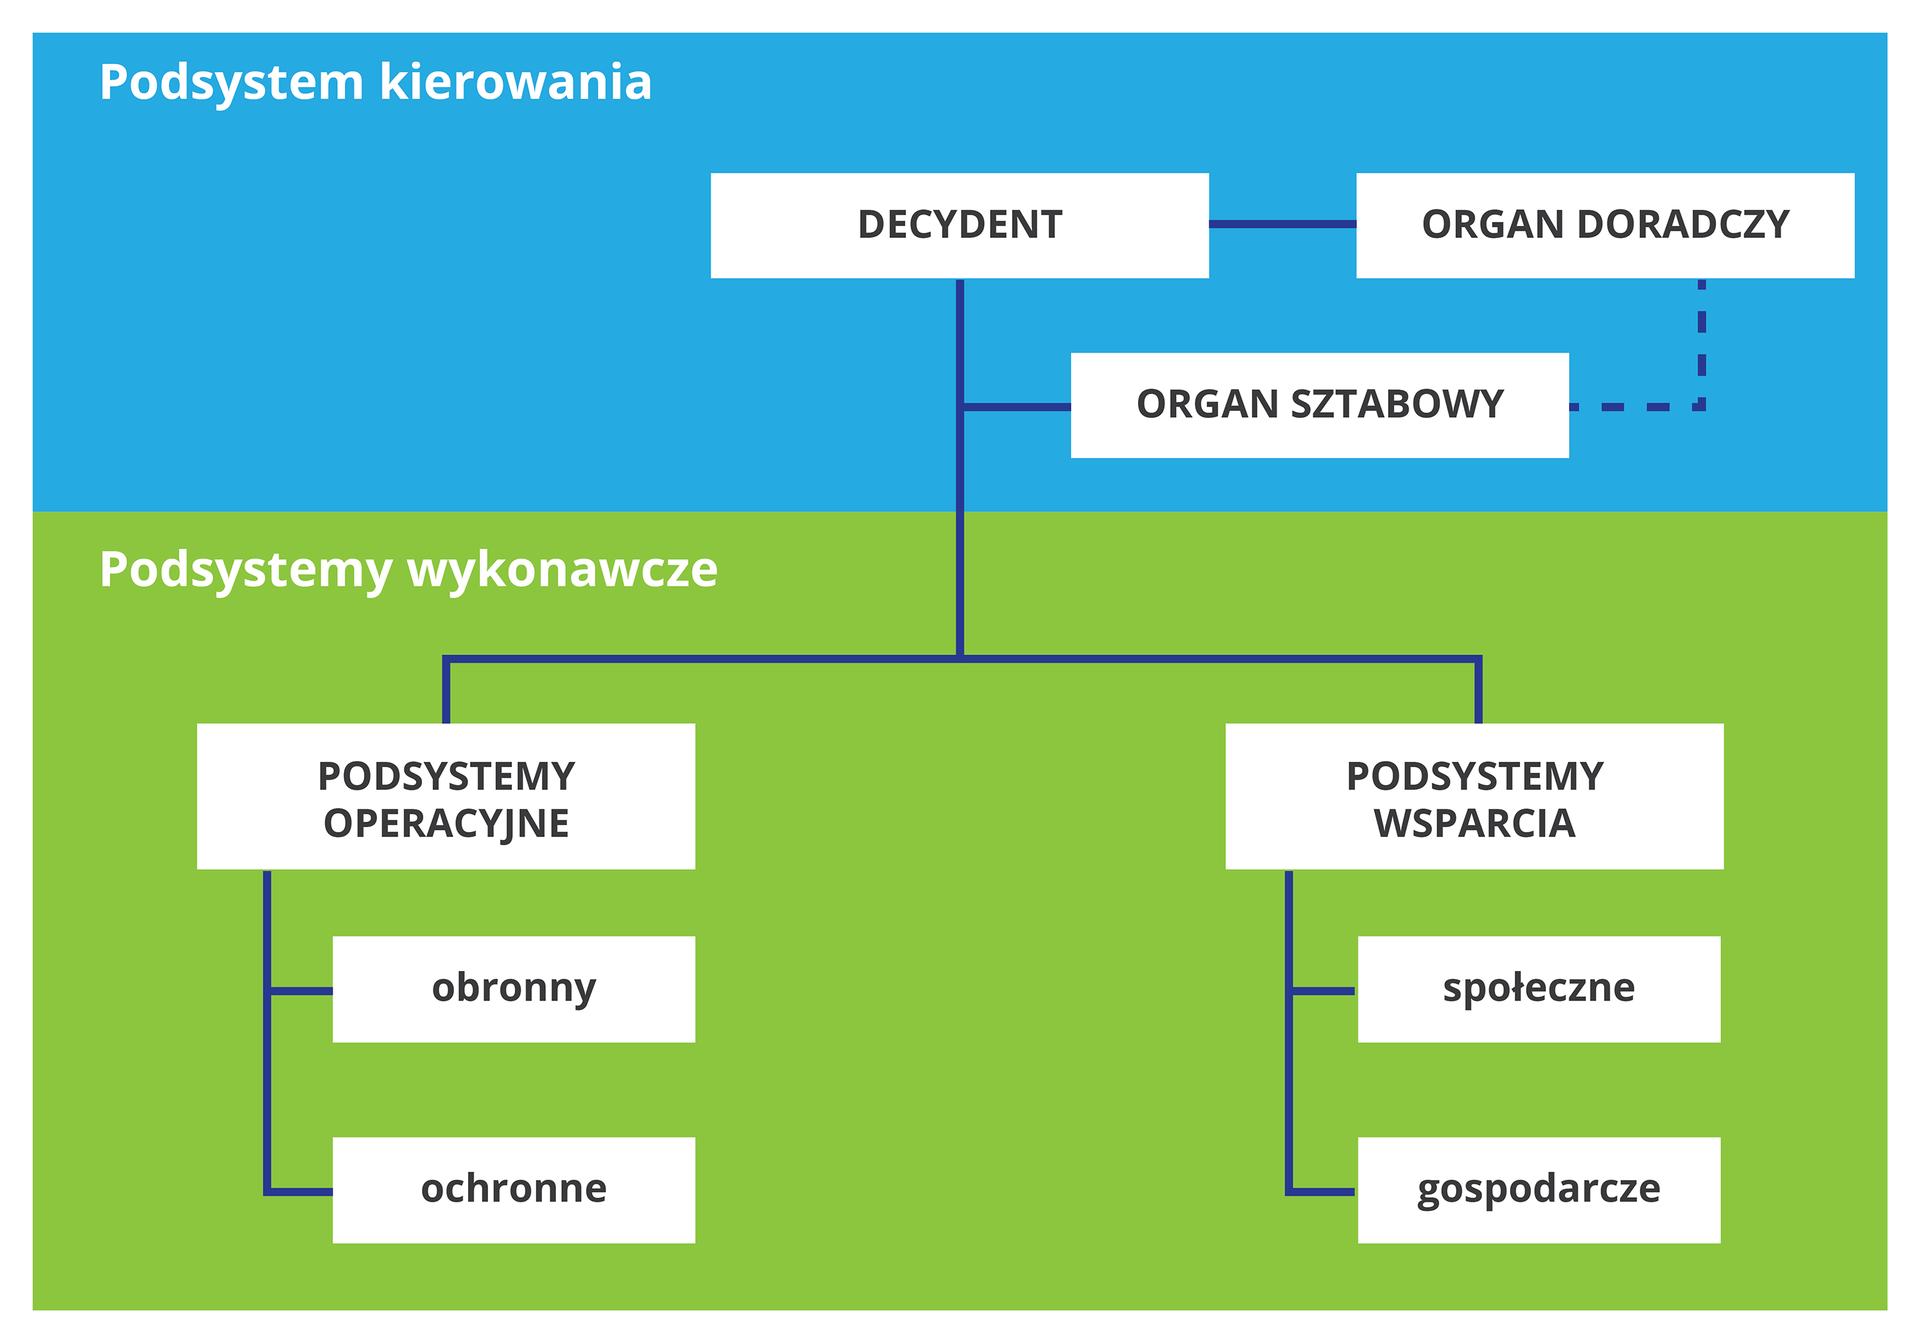 Ilustracja przedstawia schemat zpodziałem na podsystem kierowania ipodsystemy wykonawcze. Schemat podzielony poziomo. Wgórnej części podsystem kierowania. Poszczególne działy schematu: decydent, organ doradczy iorgan sztabowy. Wdolnej części schematu podsystemy wykonawcze. Po lewej stronie trzy poziomy. Najwyżej to podsystemy operacyjne, poniżej obronny ina dole ochronne. Po prawej stronie trzy poziomy podsystemu wykonawczego to najwyżej podsystemy wsparcia, poniżej społeczne ina dole gospodarcze.